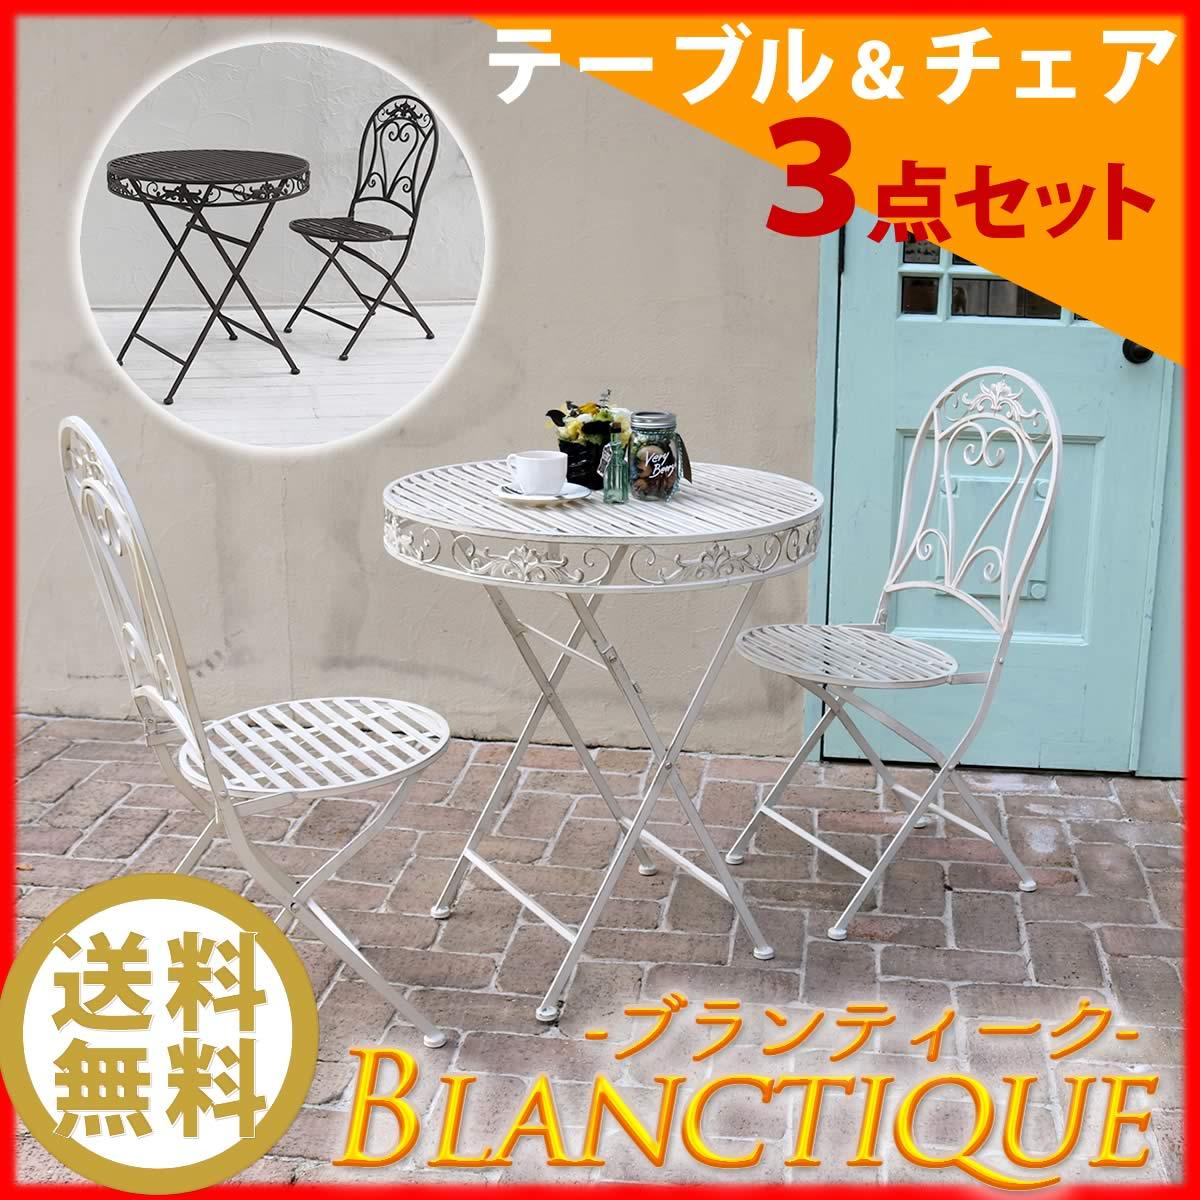 ブランティーク ホワイトアイアンテーブル70&チェア 3点セット【住まいスタイル】